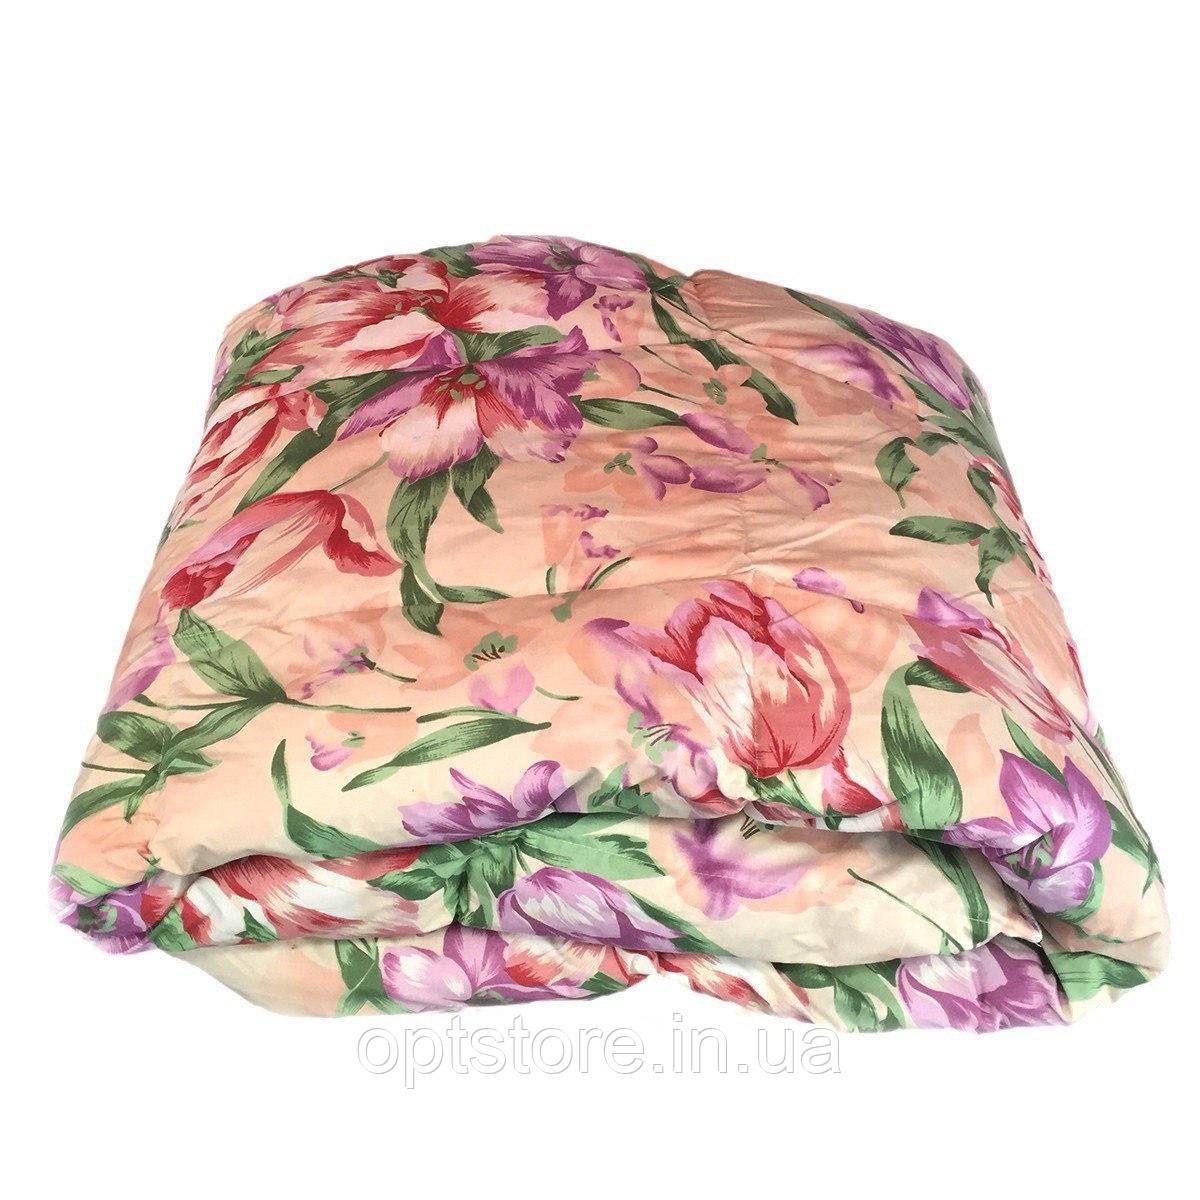 Одеяло двуспальное натуральный пух перо 170*205,ткань тик